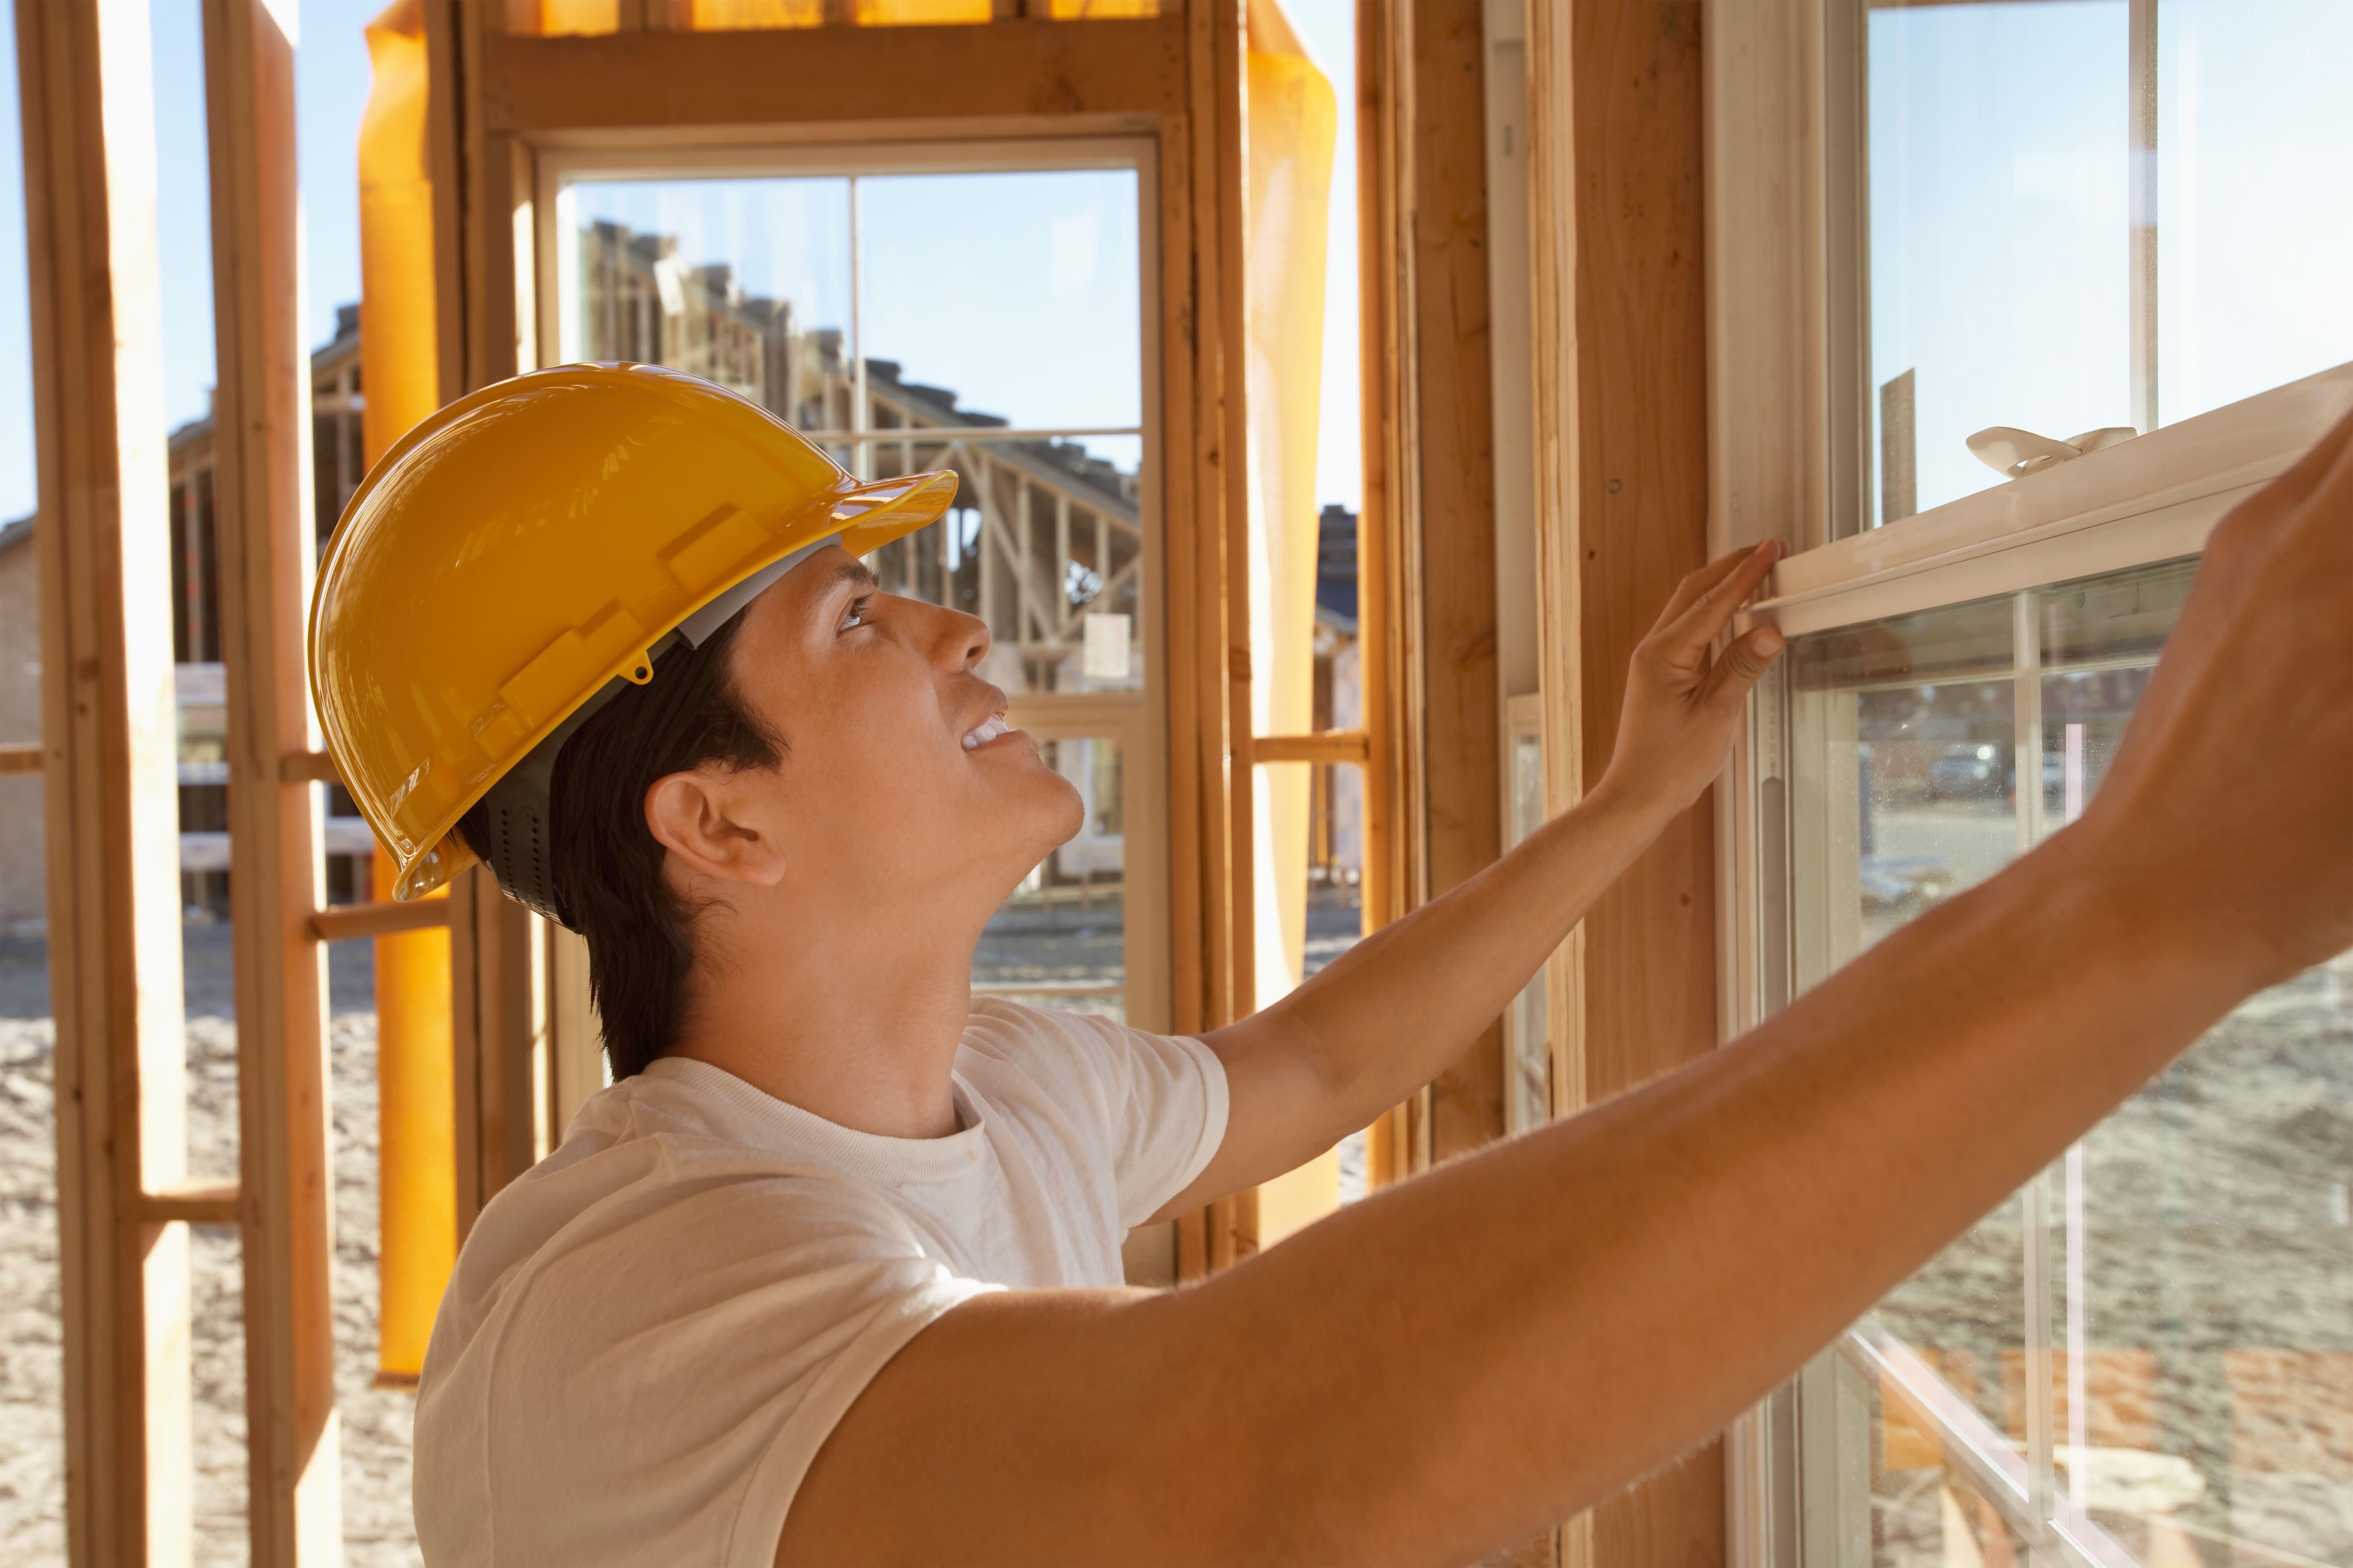 הכשרת חריגות בנייה – מה זה אומר בעצם?